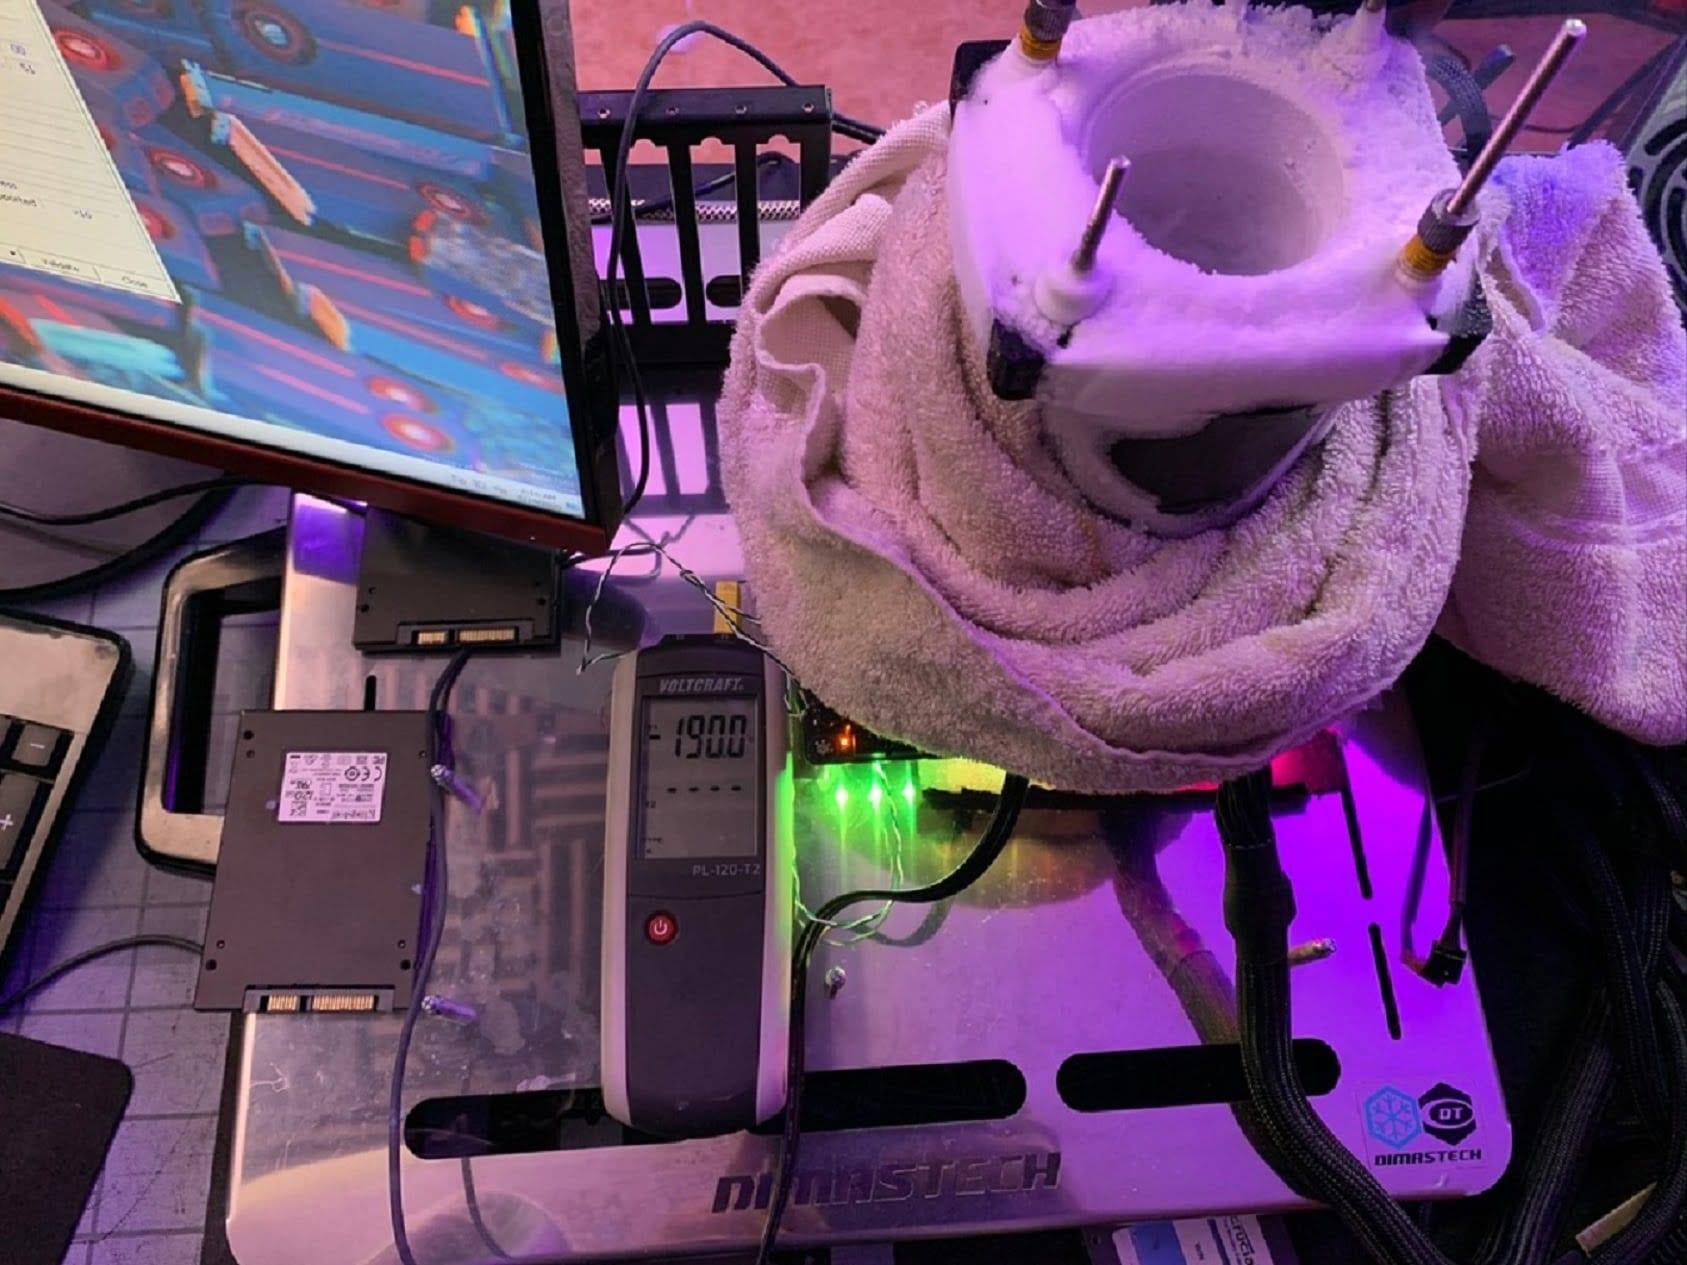 M1RROR установил рекорд в модельном зачете процессора AMD Phenom II X4 945